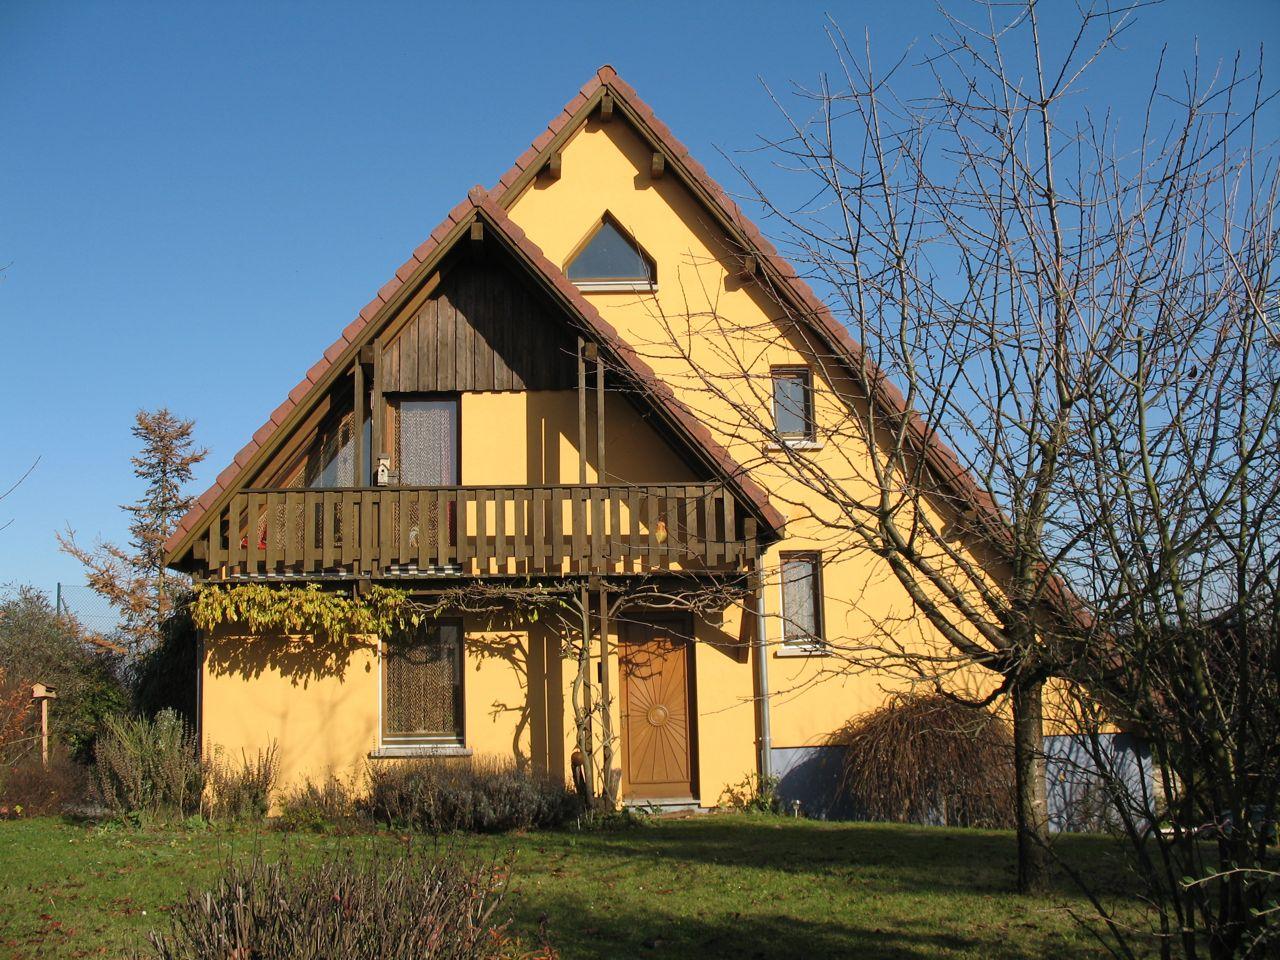 Vente maison cologique - Maison ecologique architecte vetsche ...